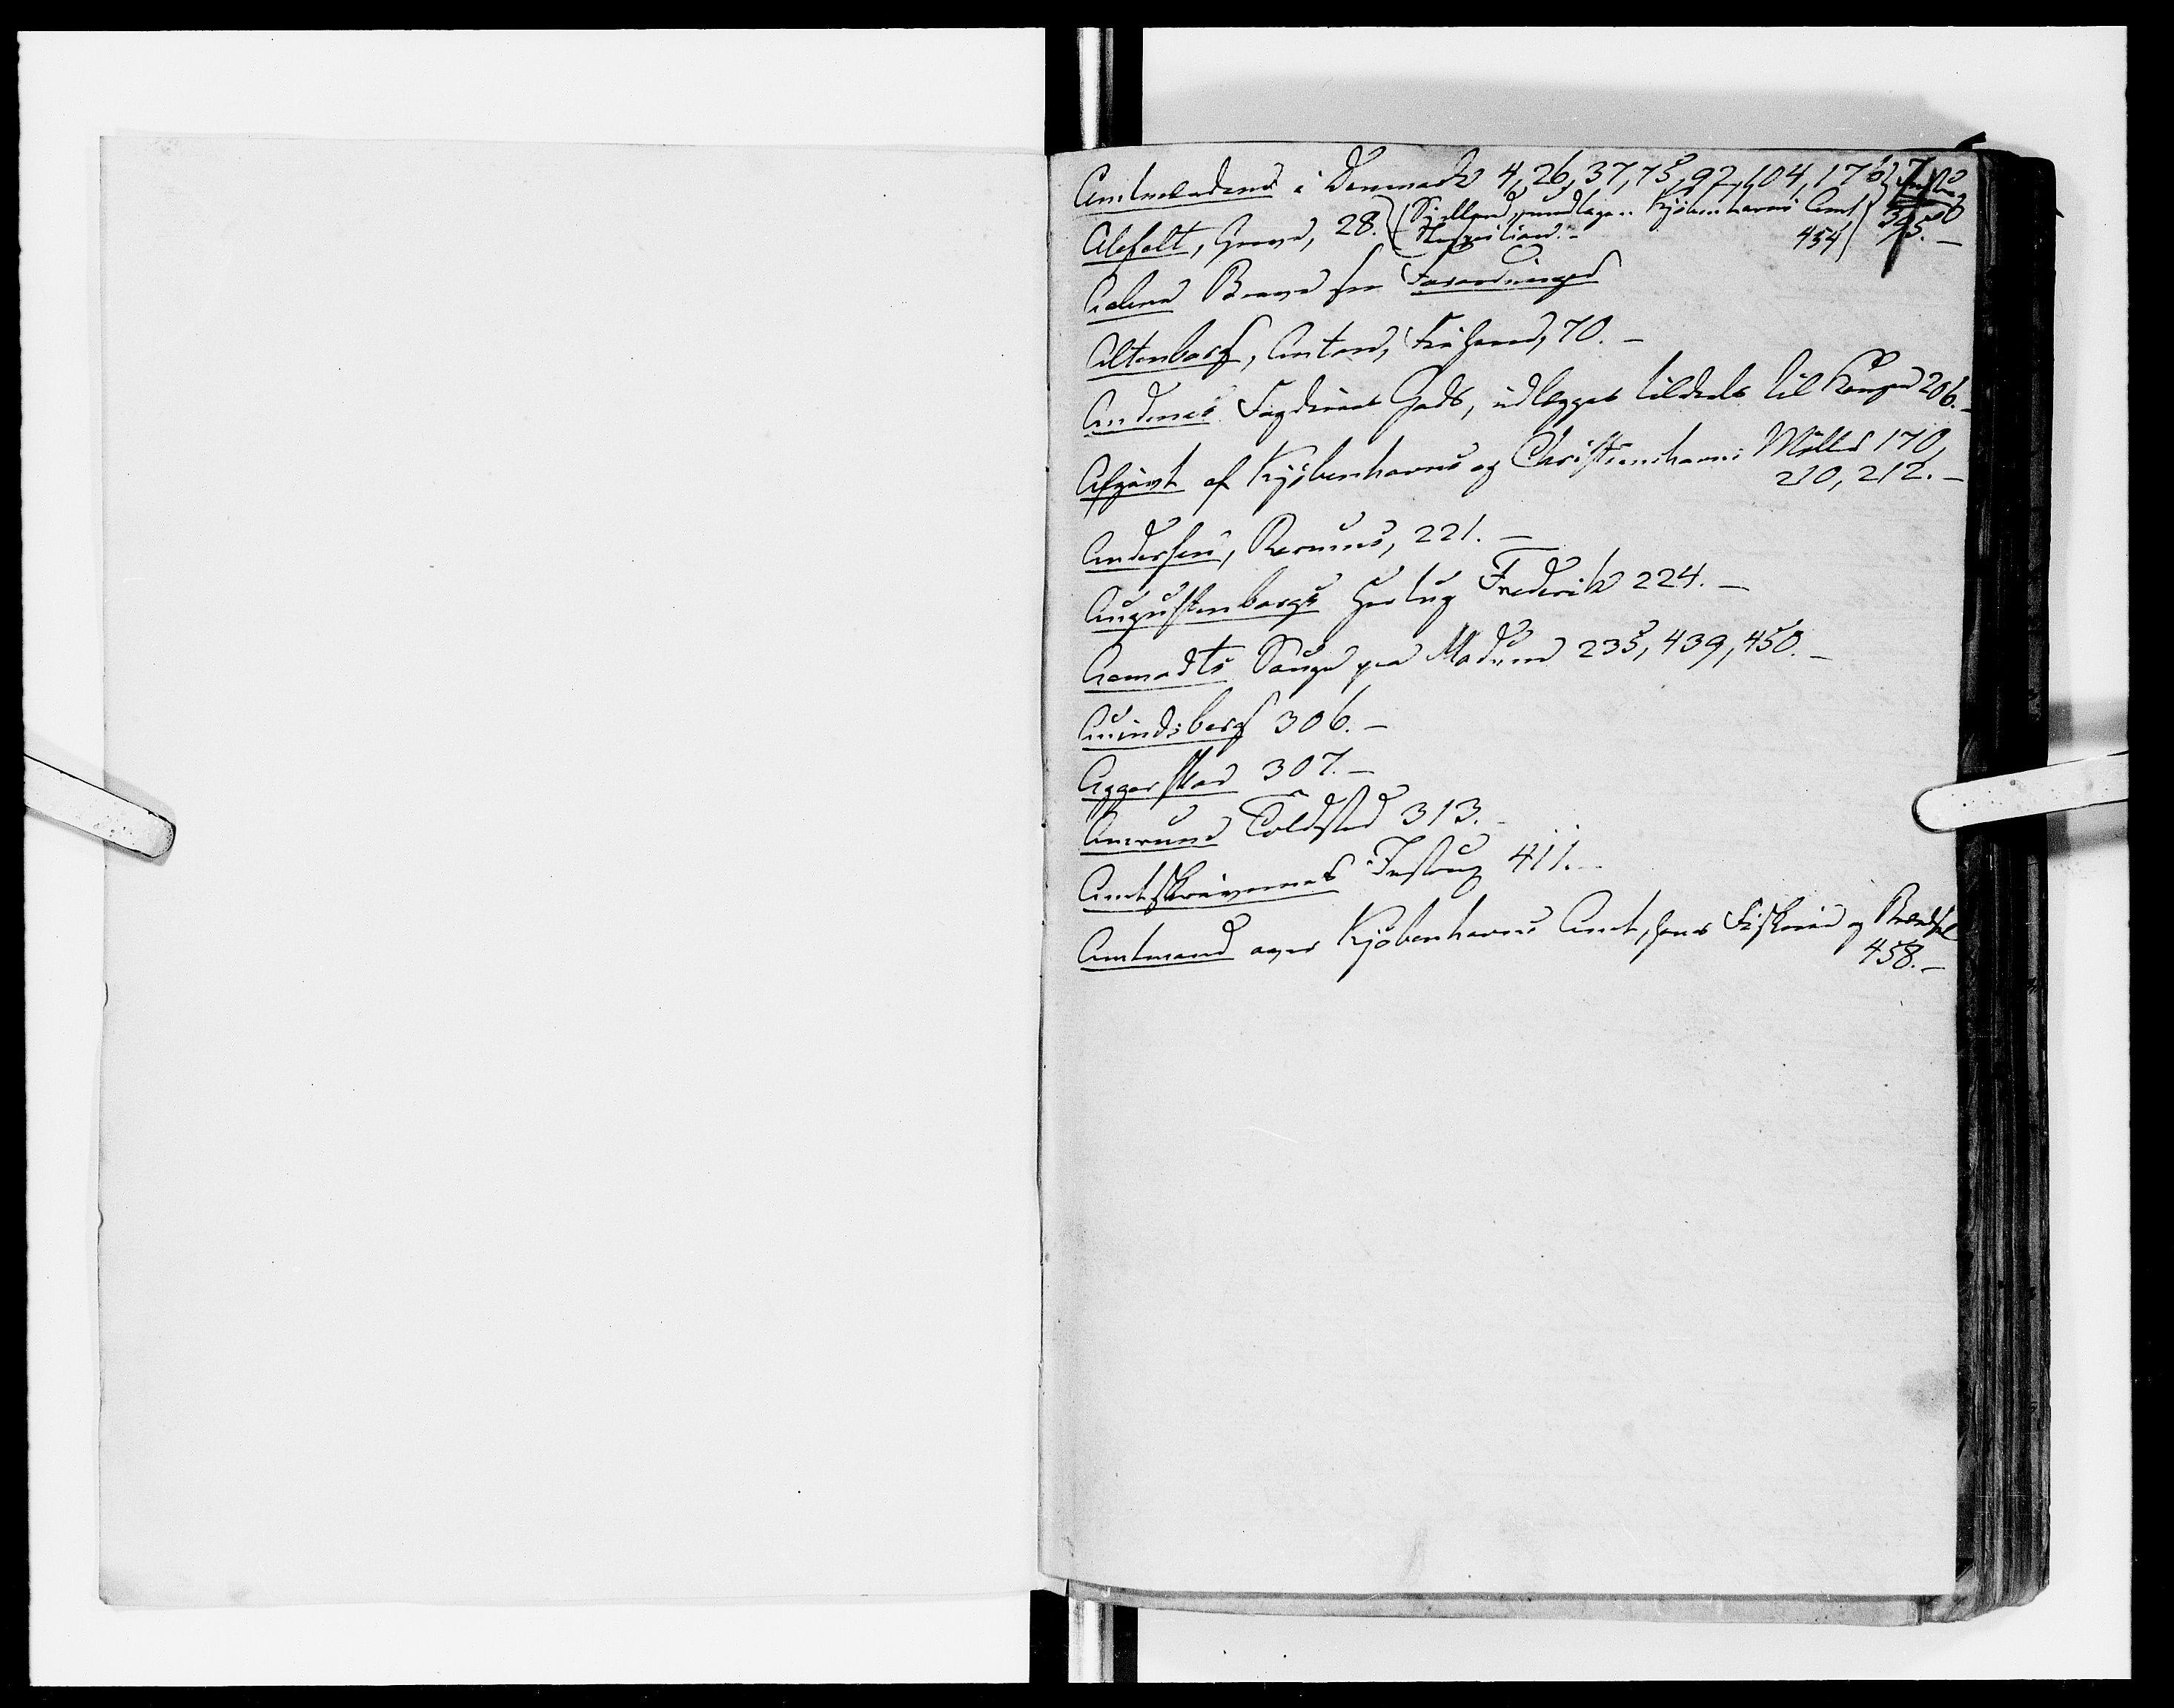 DRA, Rentekammeret Skatkammeret, Danske Sekretariat (1660-1679) / Rentekammeret Danske Afdeling, Kammerkancelliet (1679-1771), -/2212-04: Ekspeditionsprotokol, 1679-1683